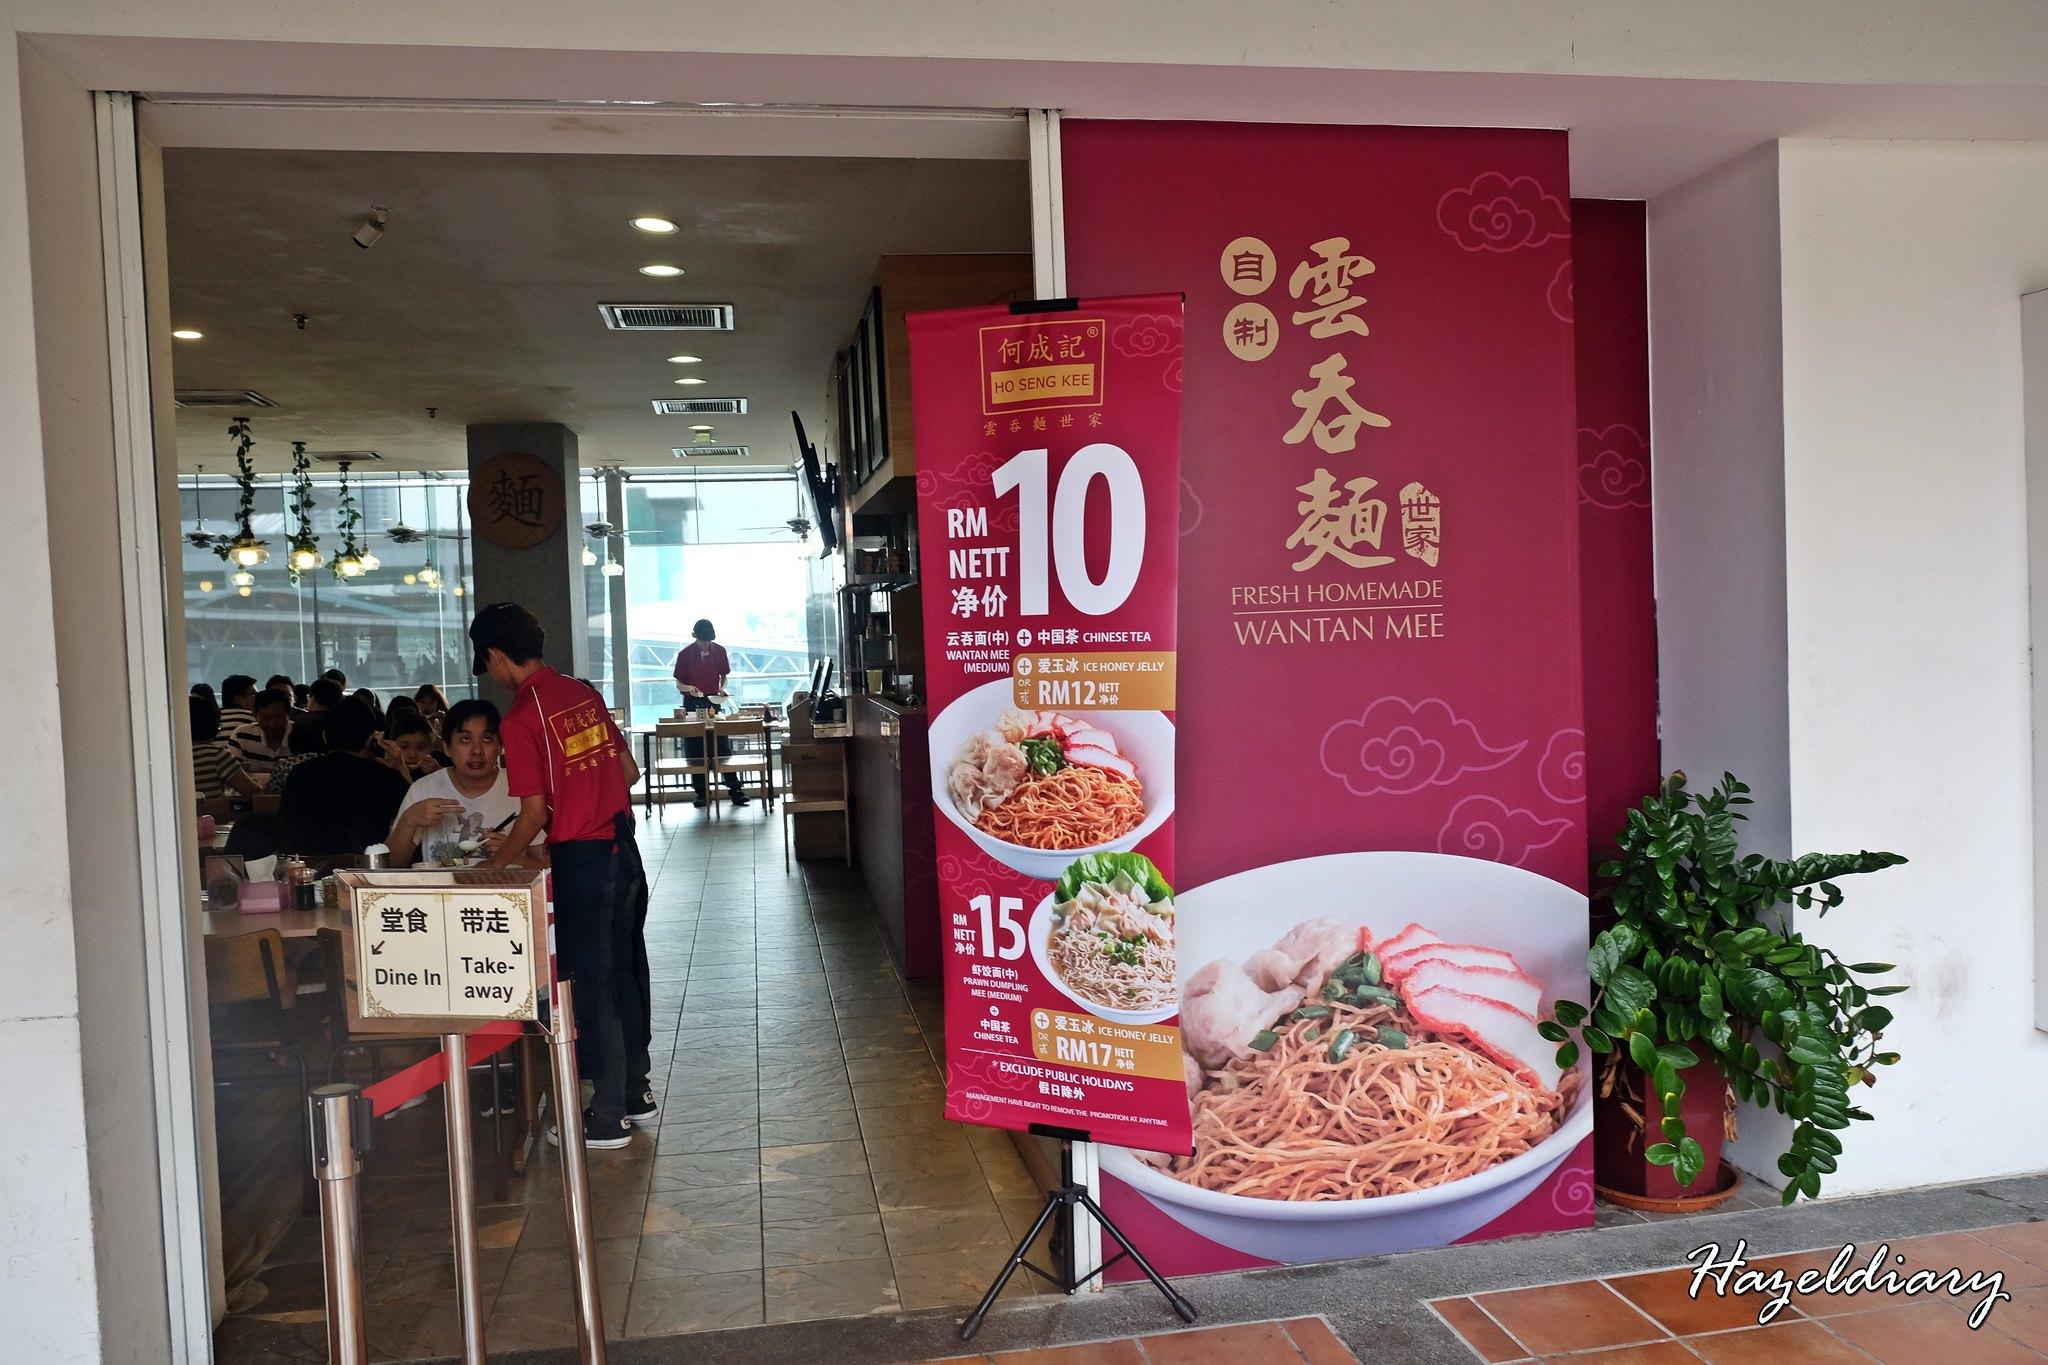 Ho Seng Kee Johor Bahru-Wanton Mee- City square Mall